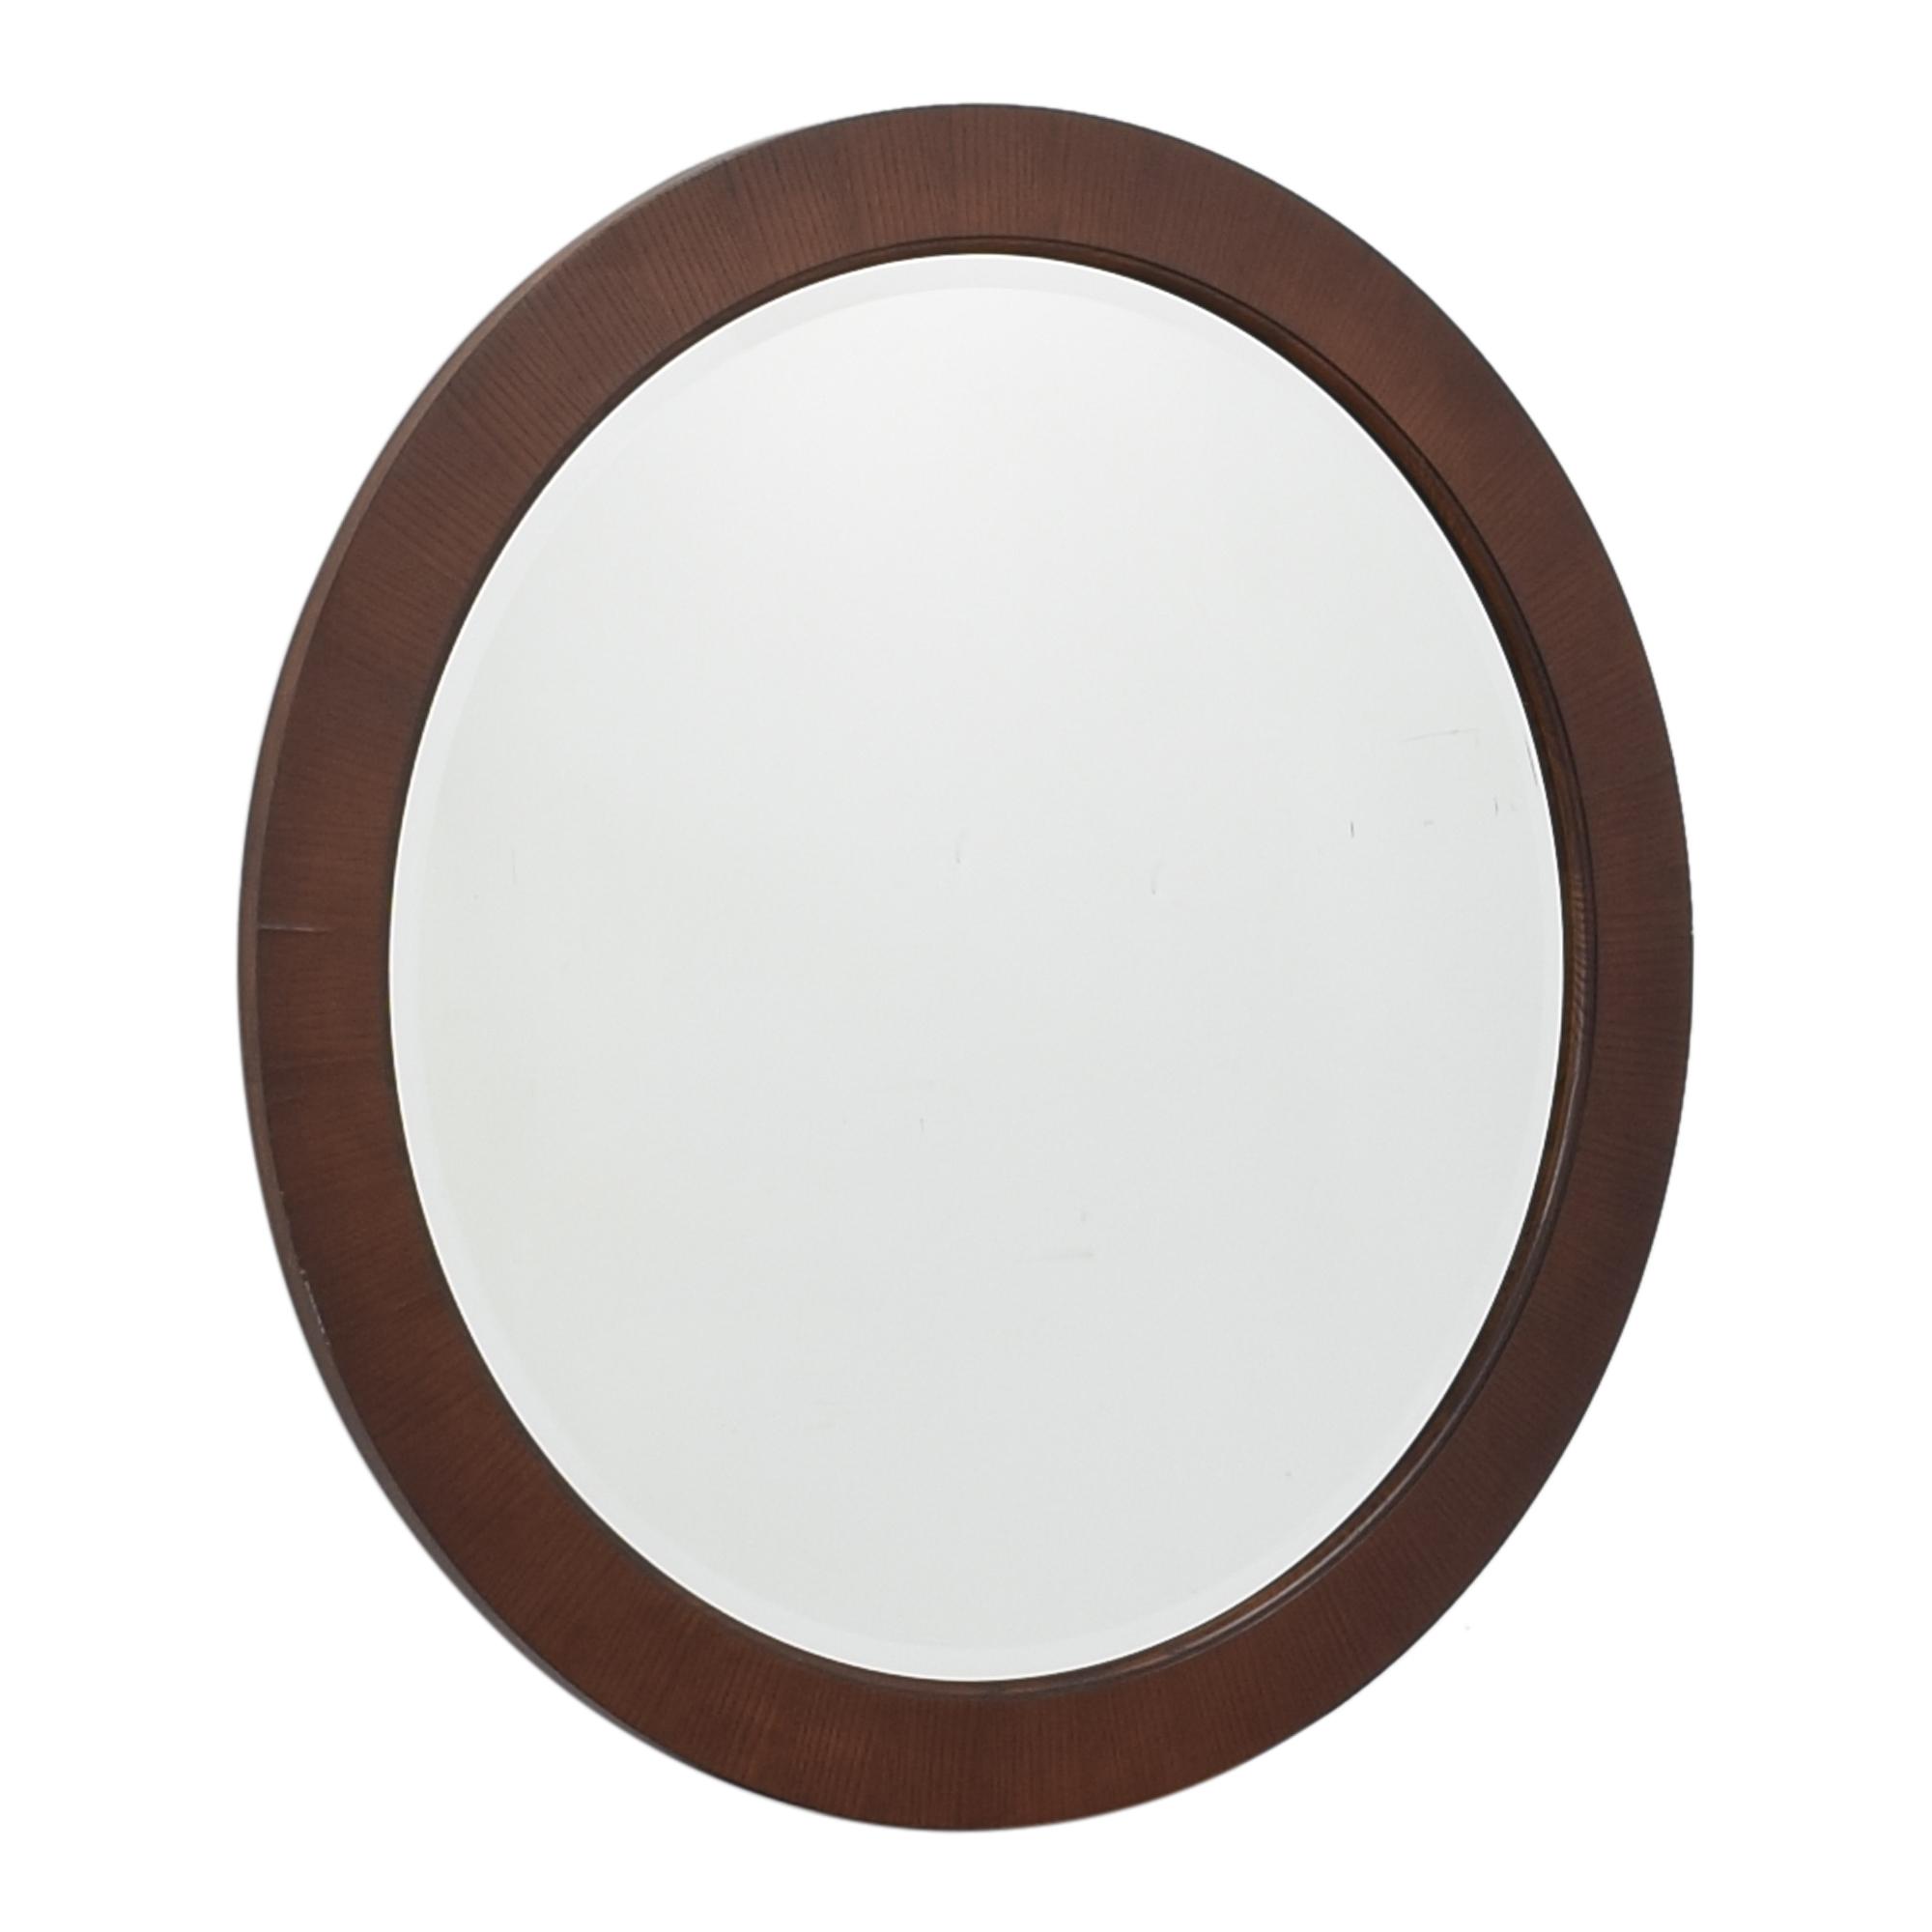 Ethan Allen Ethan Allen Horizons Round Mirror ma